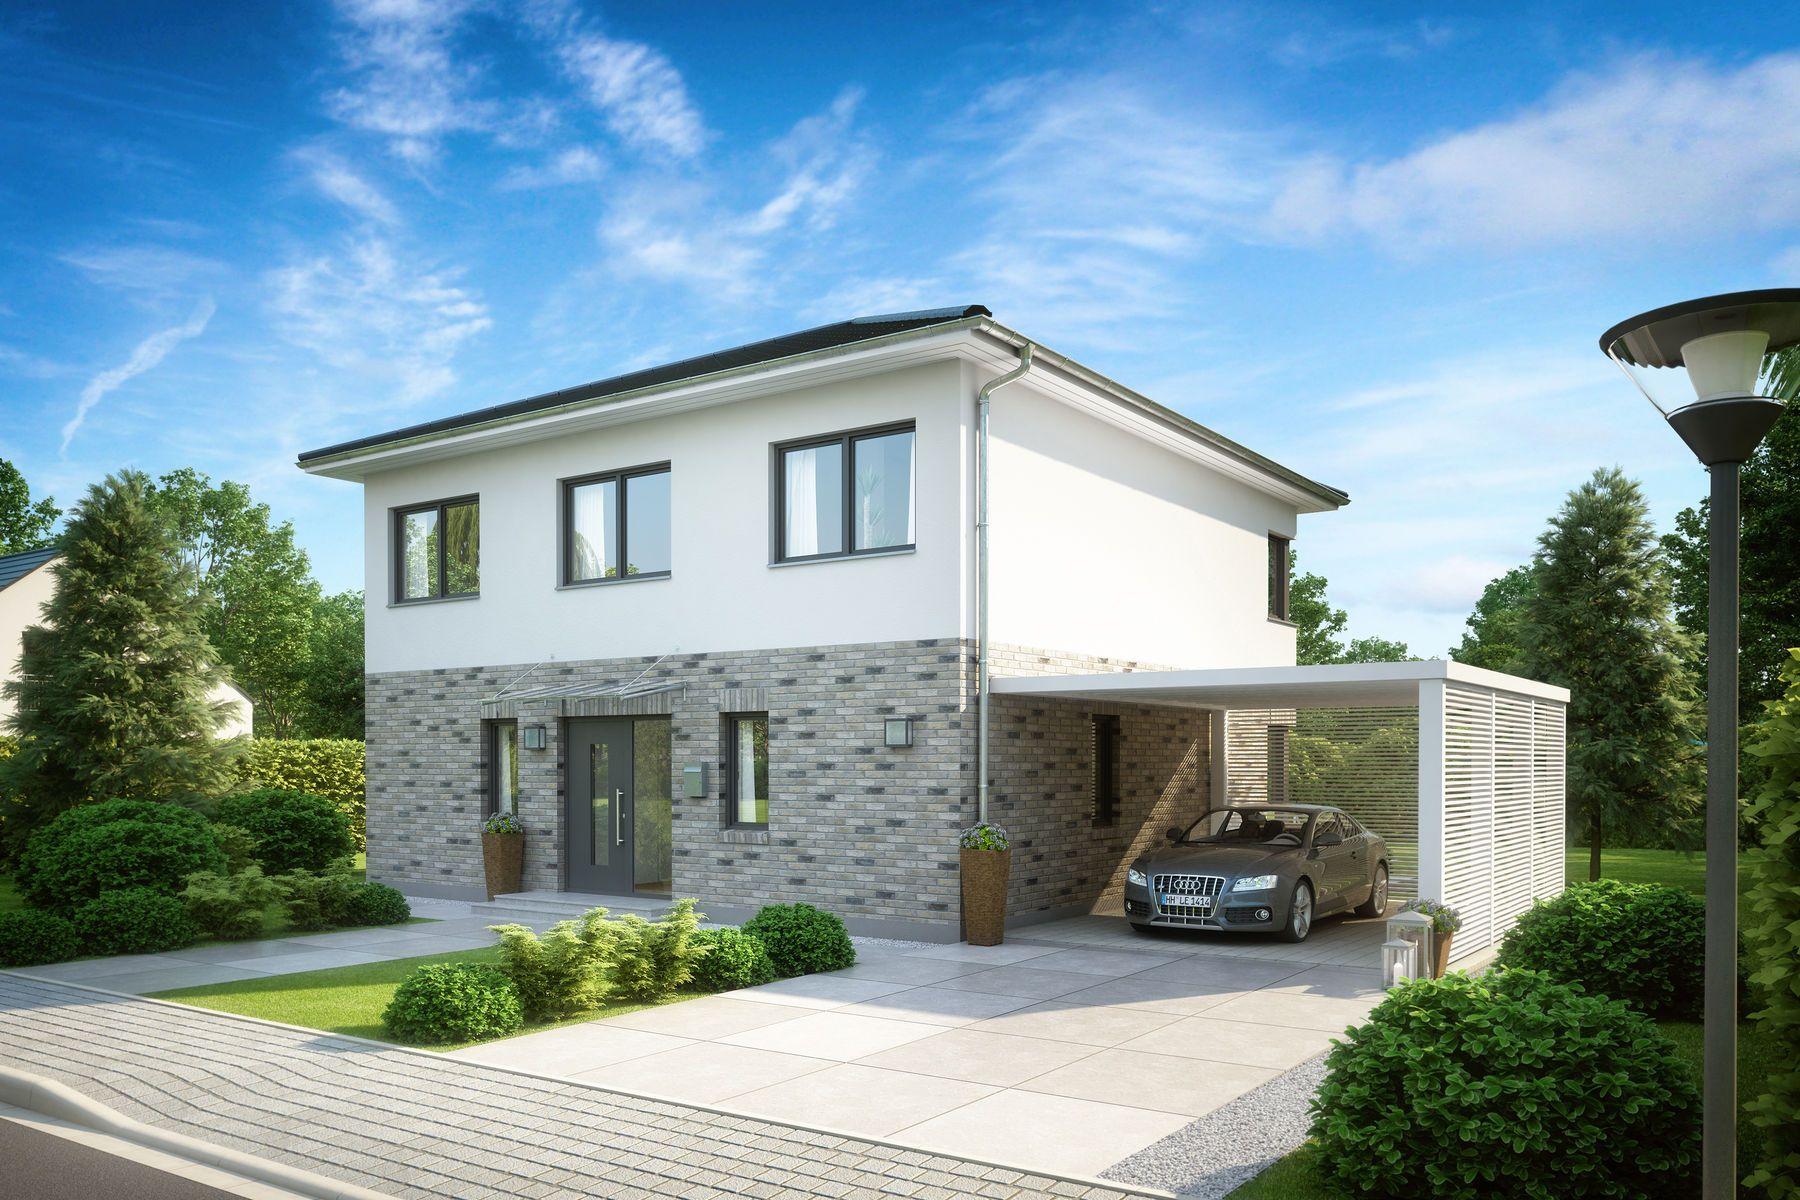 Stadtvilla mit carport und garage  csm_kern-haus-stadtvilla-centro-eingangsseite-klinker_6342a0b56f ...